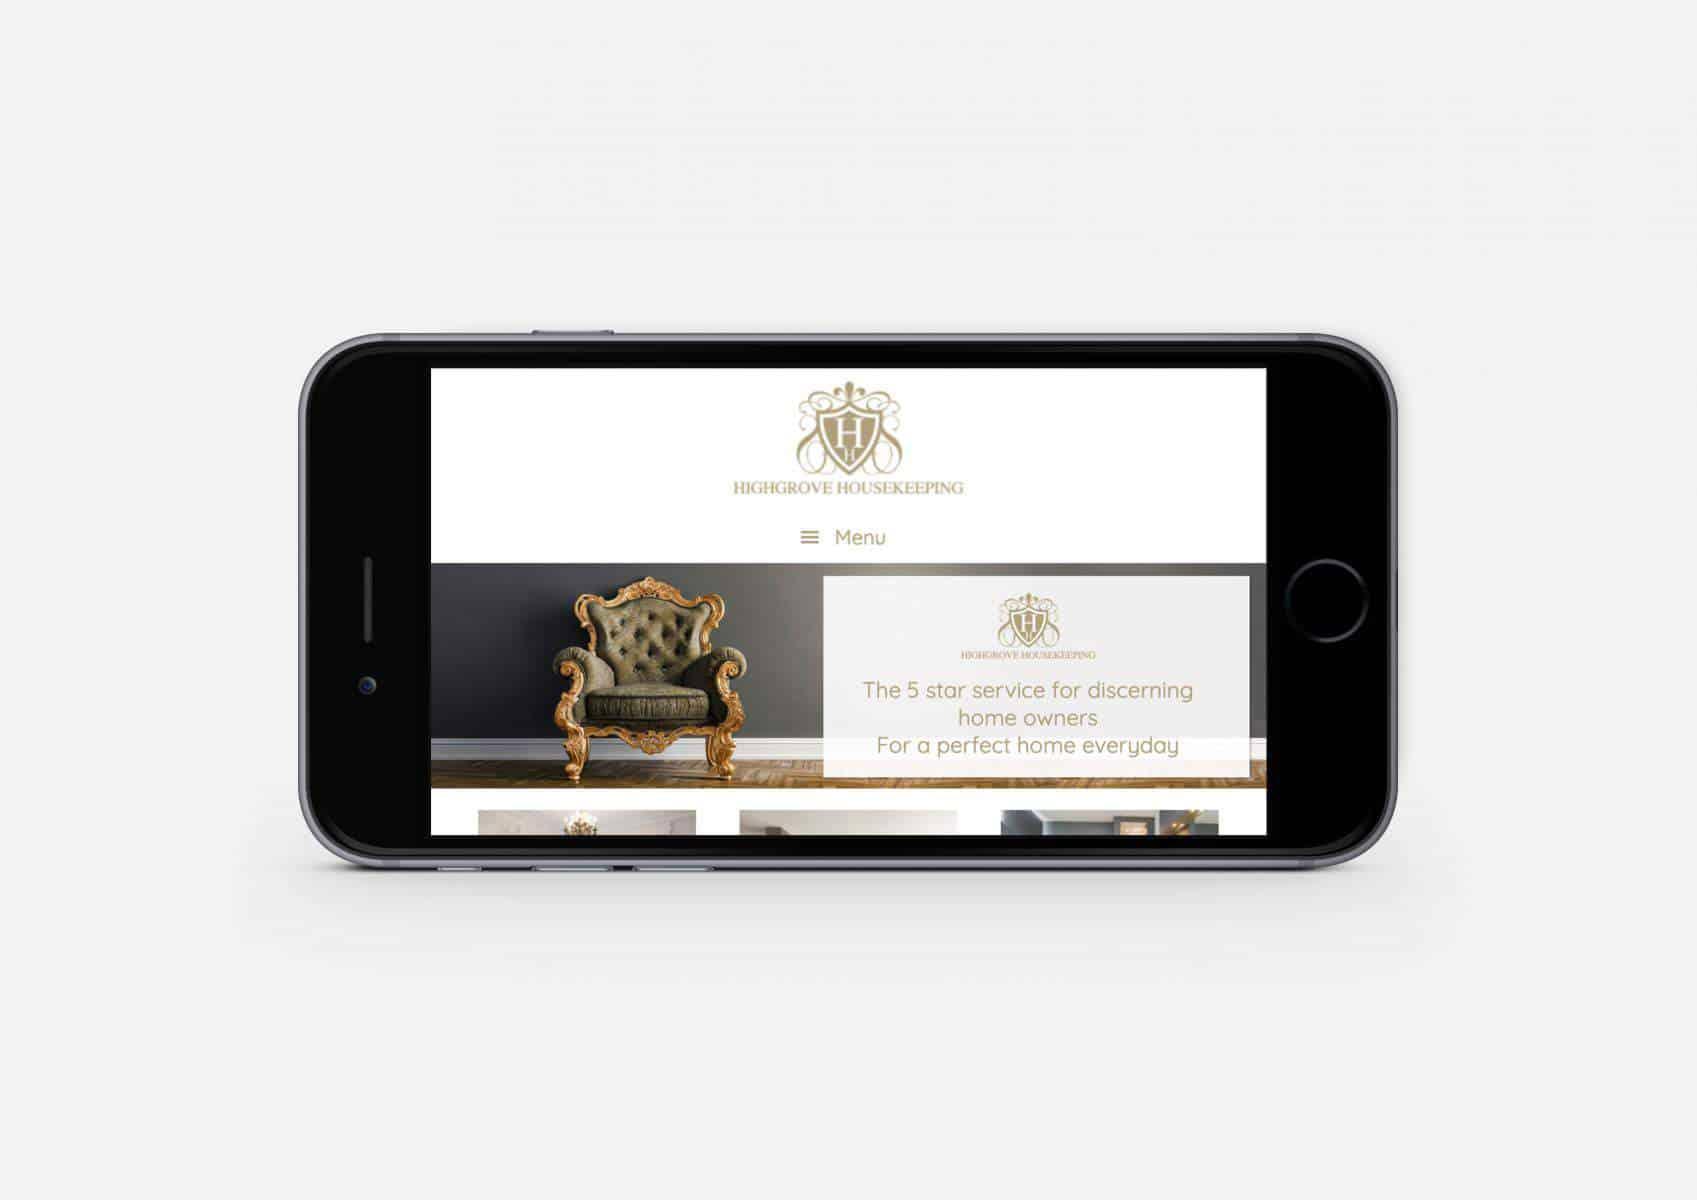 Highgrove Housekeeping Website